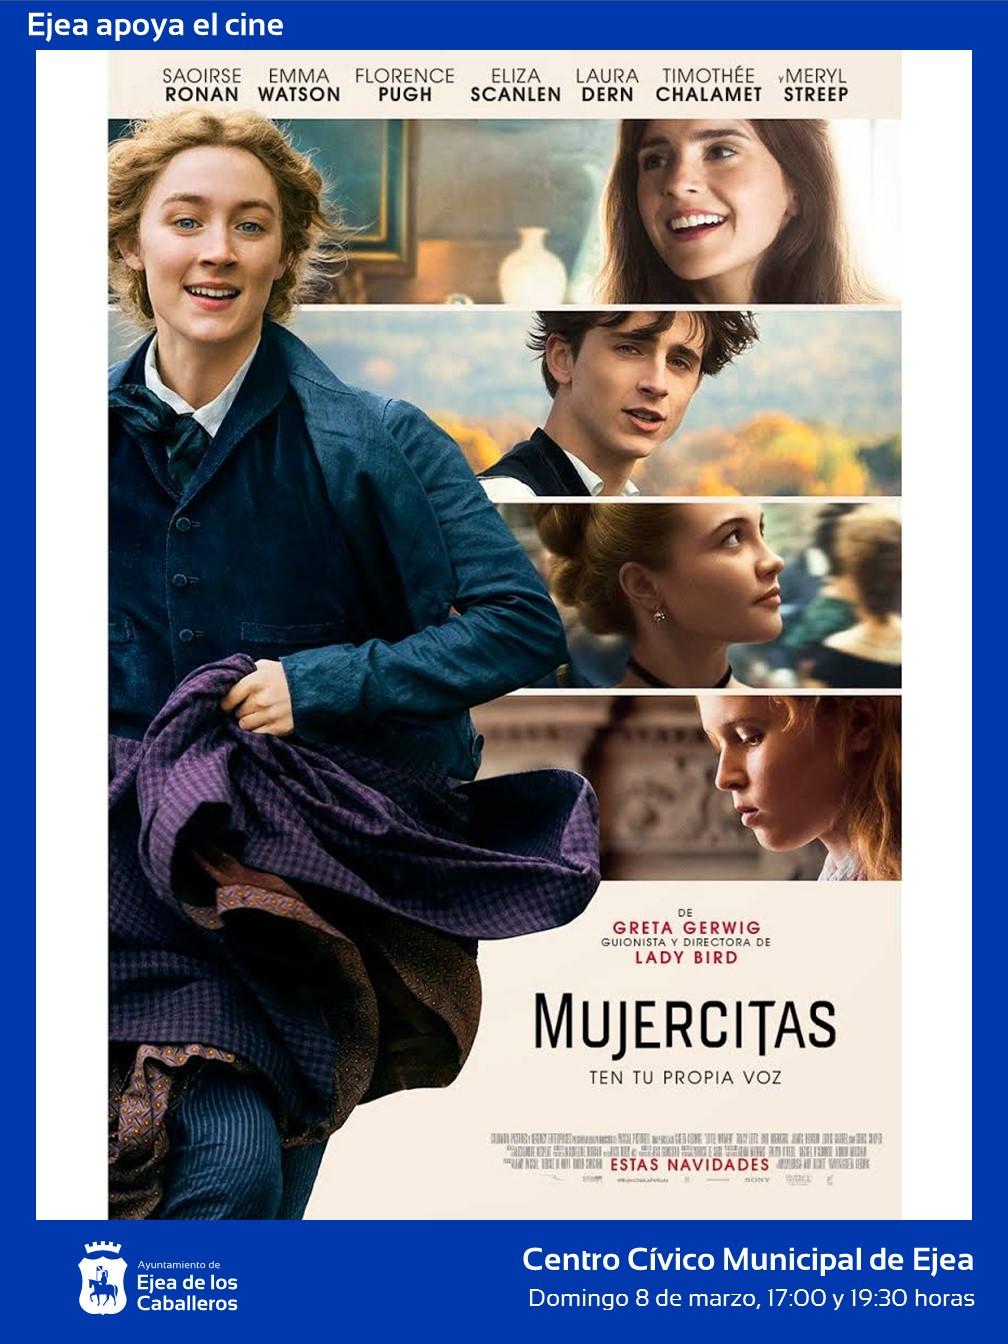 """Ejea apoya al cine: Proyección de """"Mujercitas"""", moderna y renovada versión de un clásico de la literatura"""